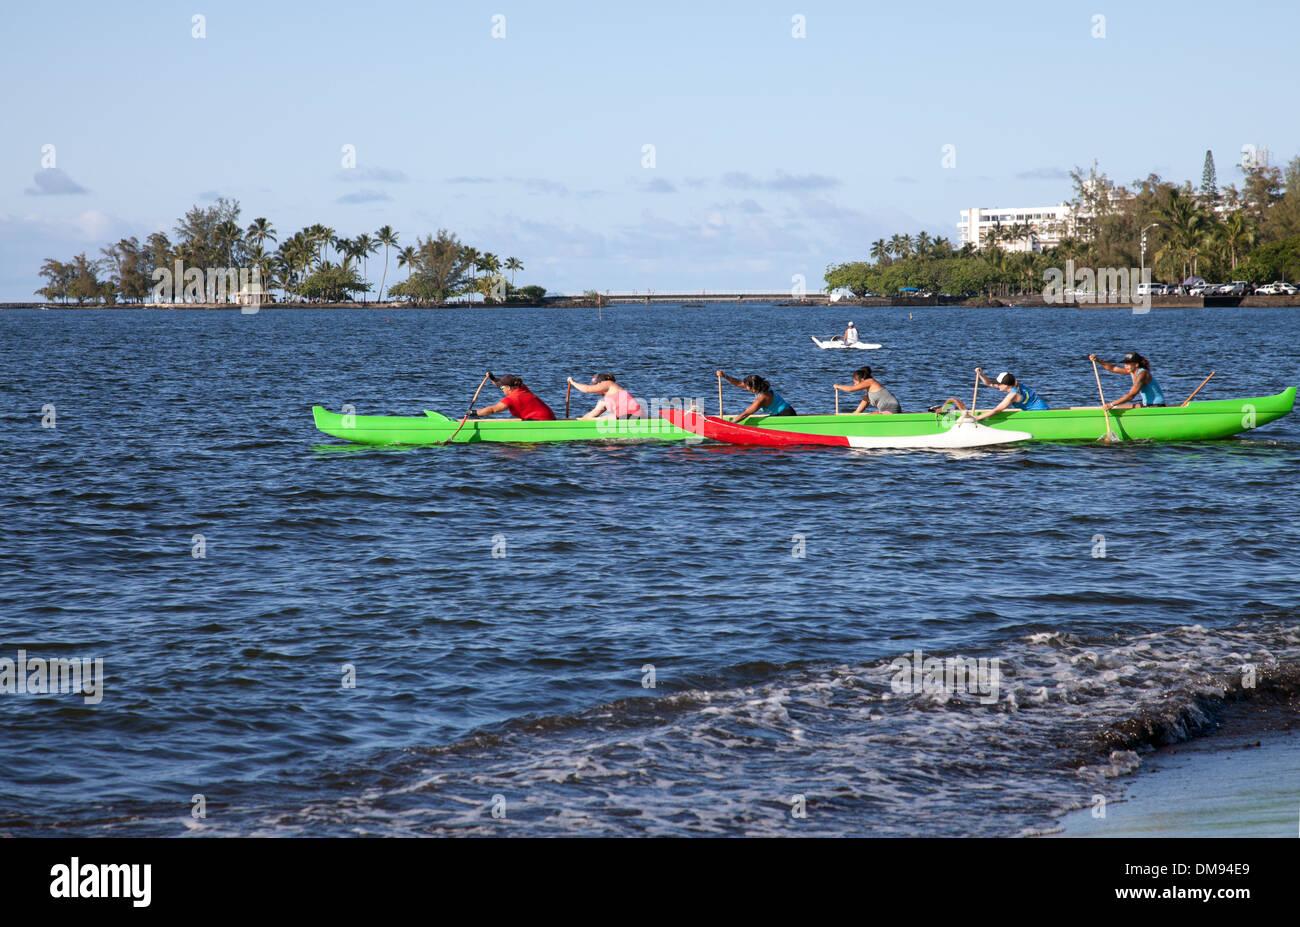 Canoe club practice races on Hilo Bay, Hawaii. - Stock Image